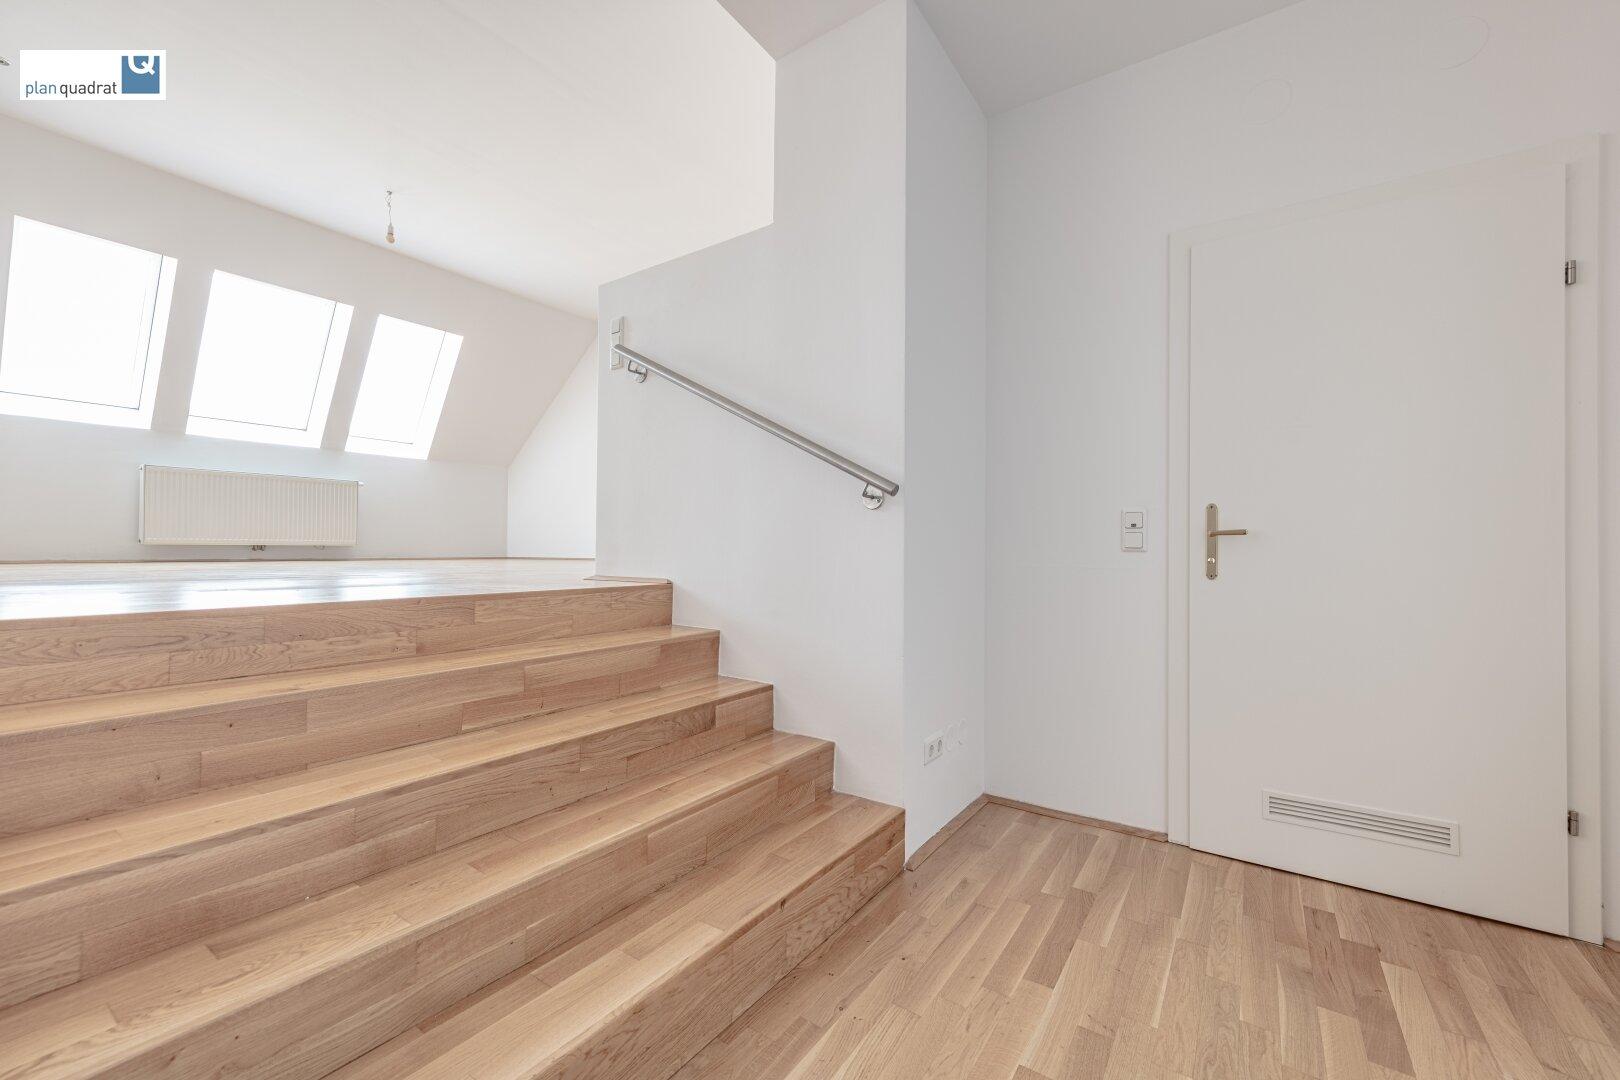 Vorraum (ca. 7,70 m²) mit Aufgang zum Wohnbereich